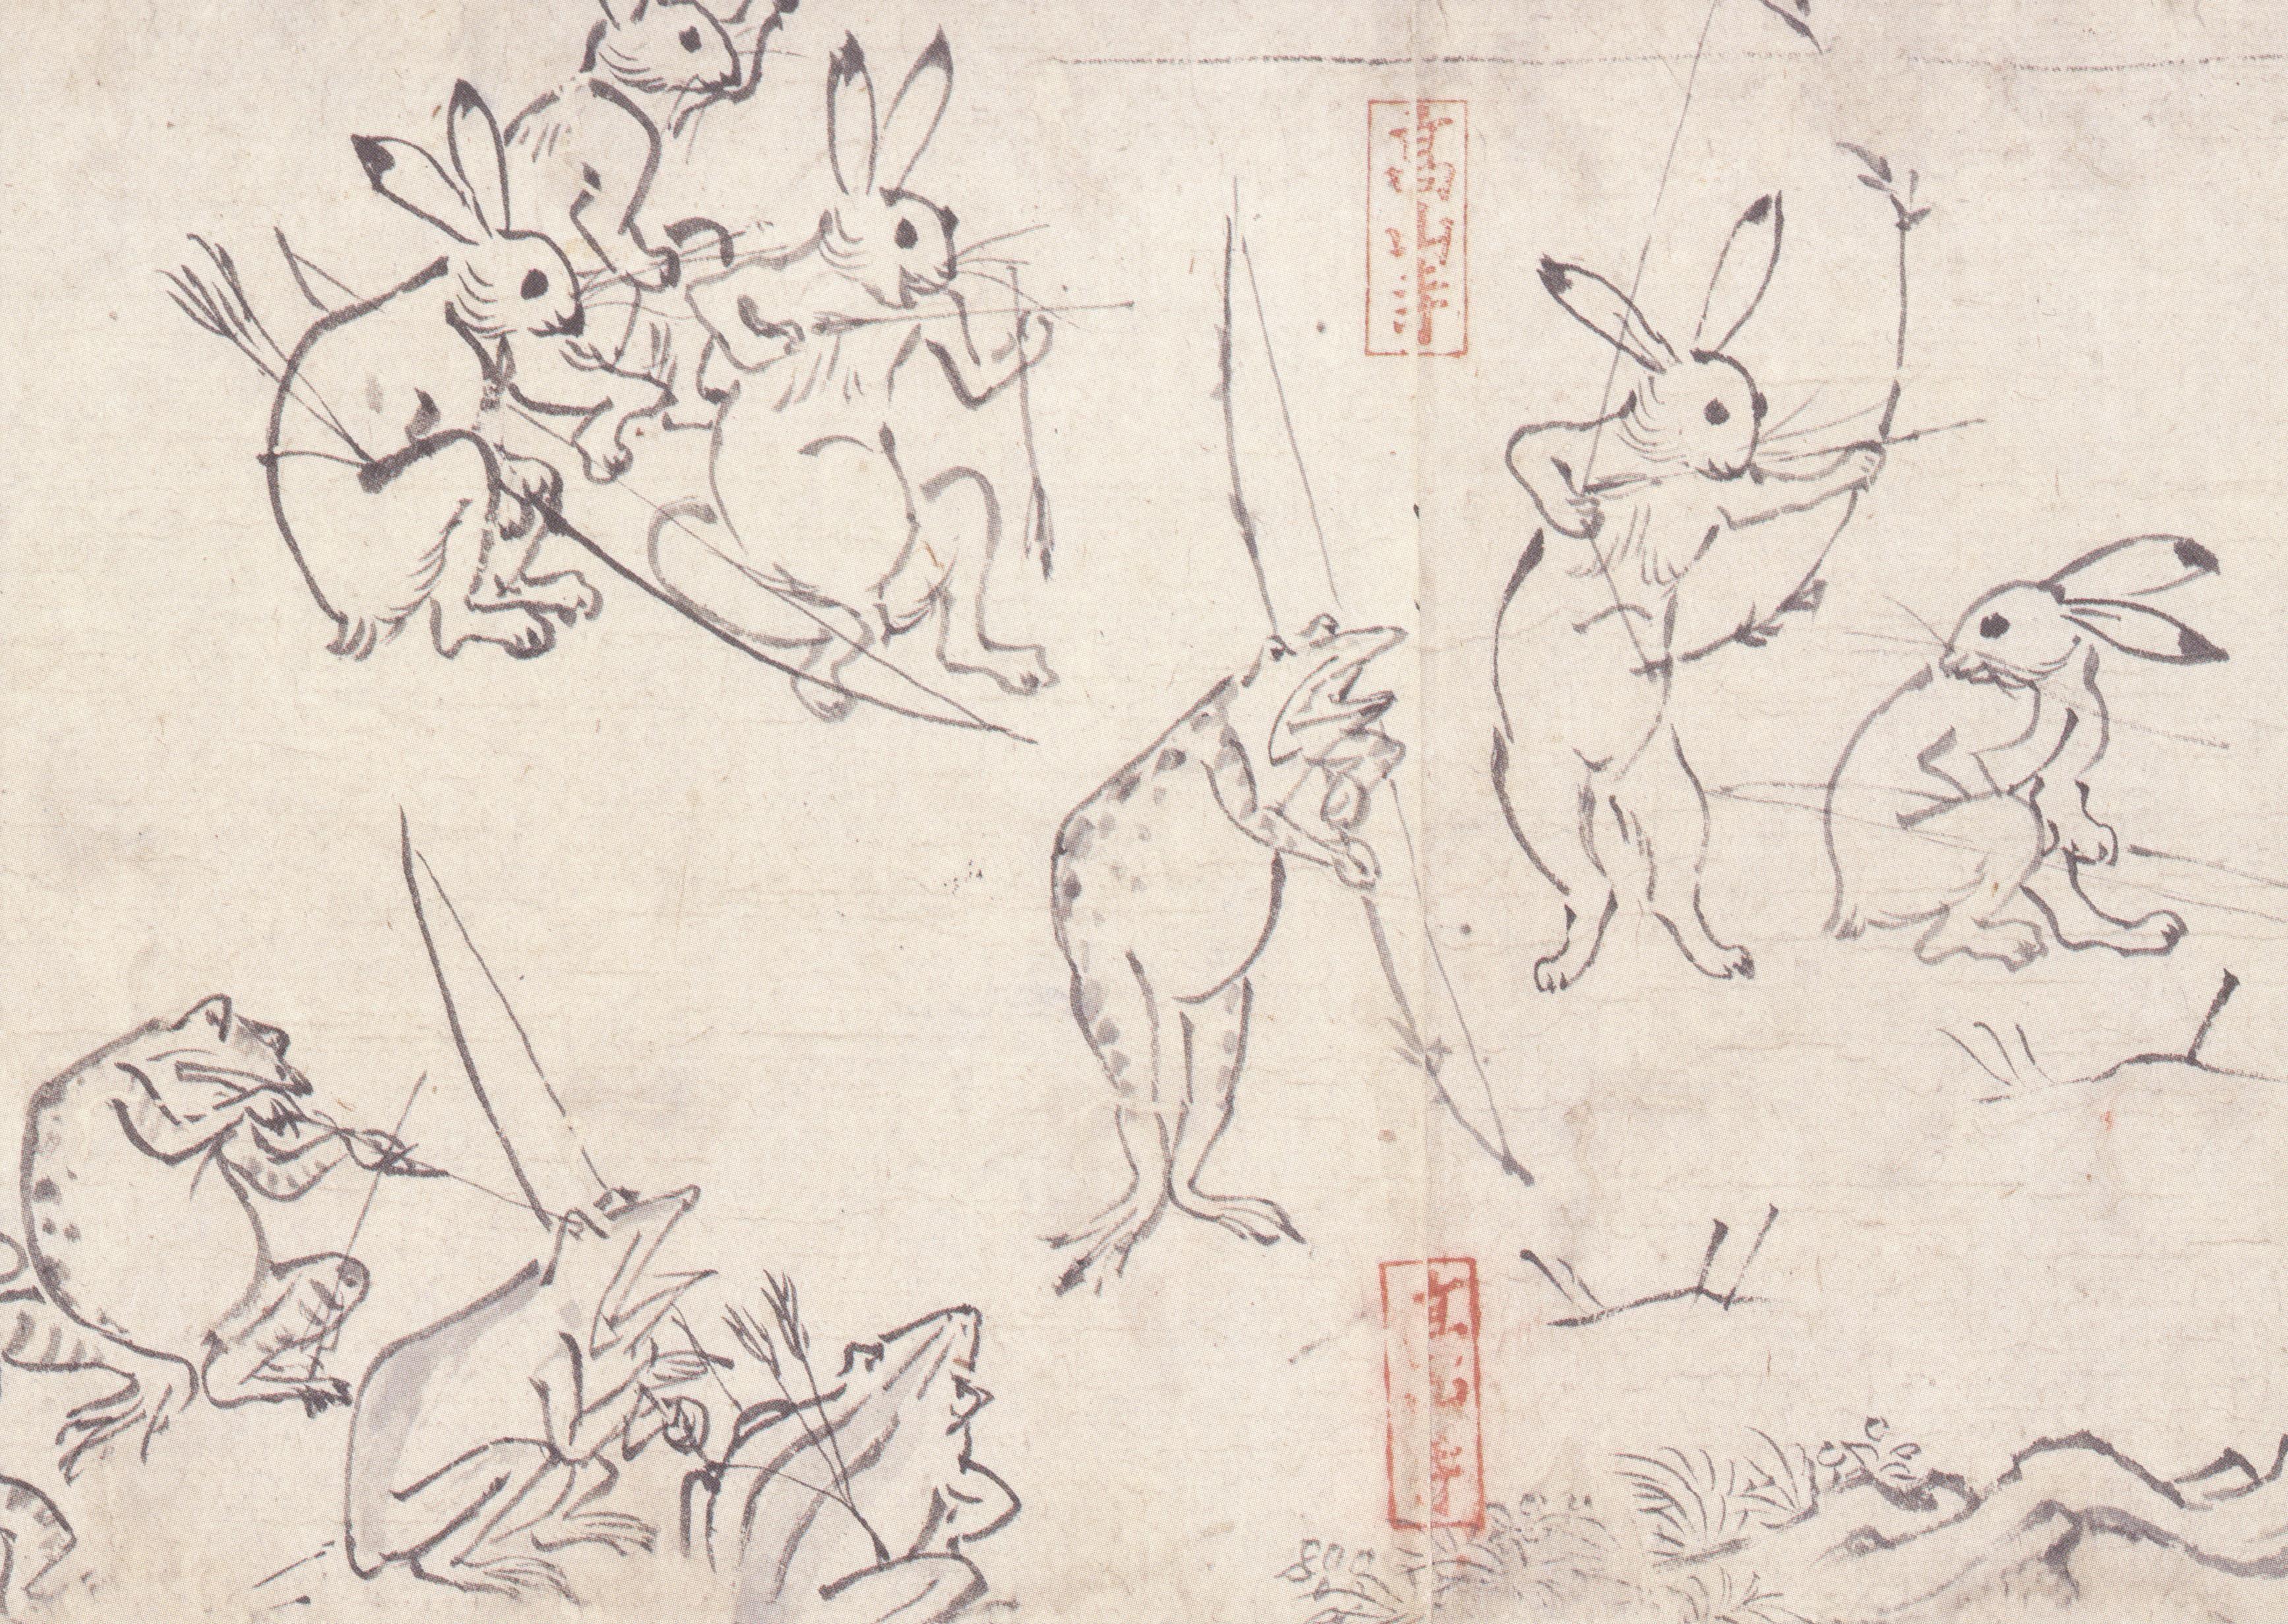 国宝 鳥獣人物戯画 甲巻 部分 平安時代 十二世紀 高山寺 戯画 鳥獣 世紀